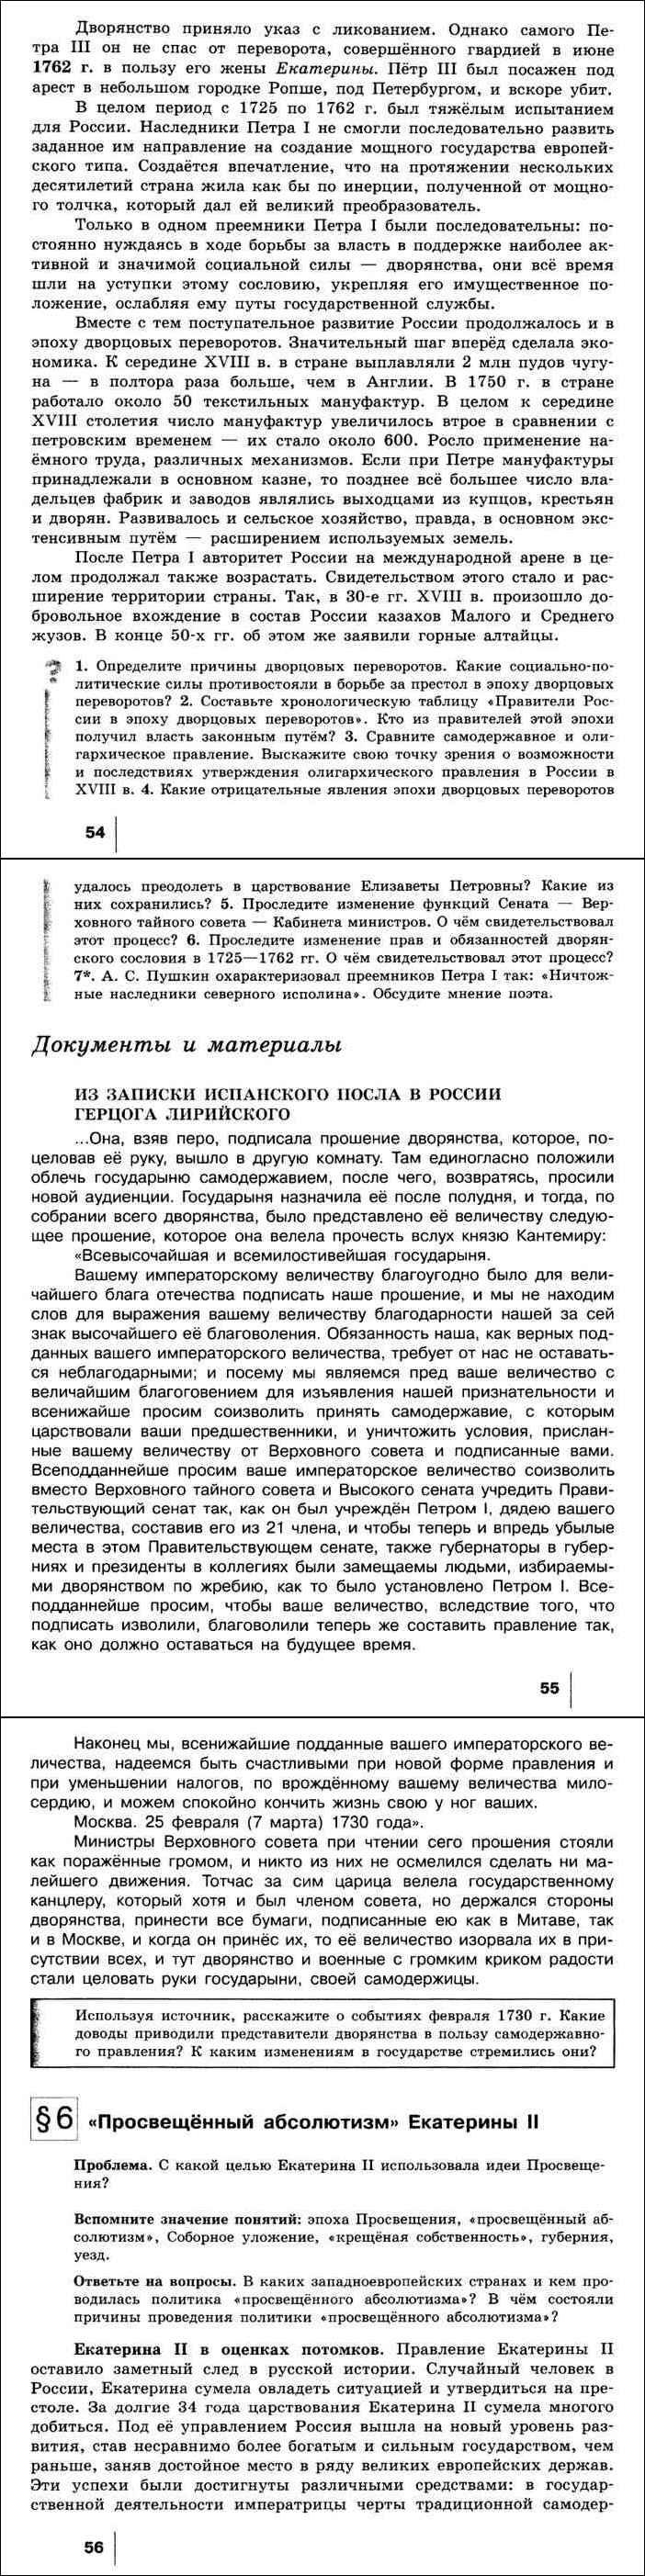 Соборное уложение 1649 года — википедия